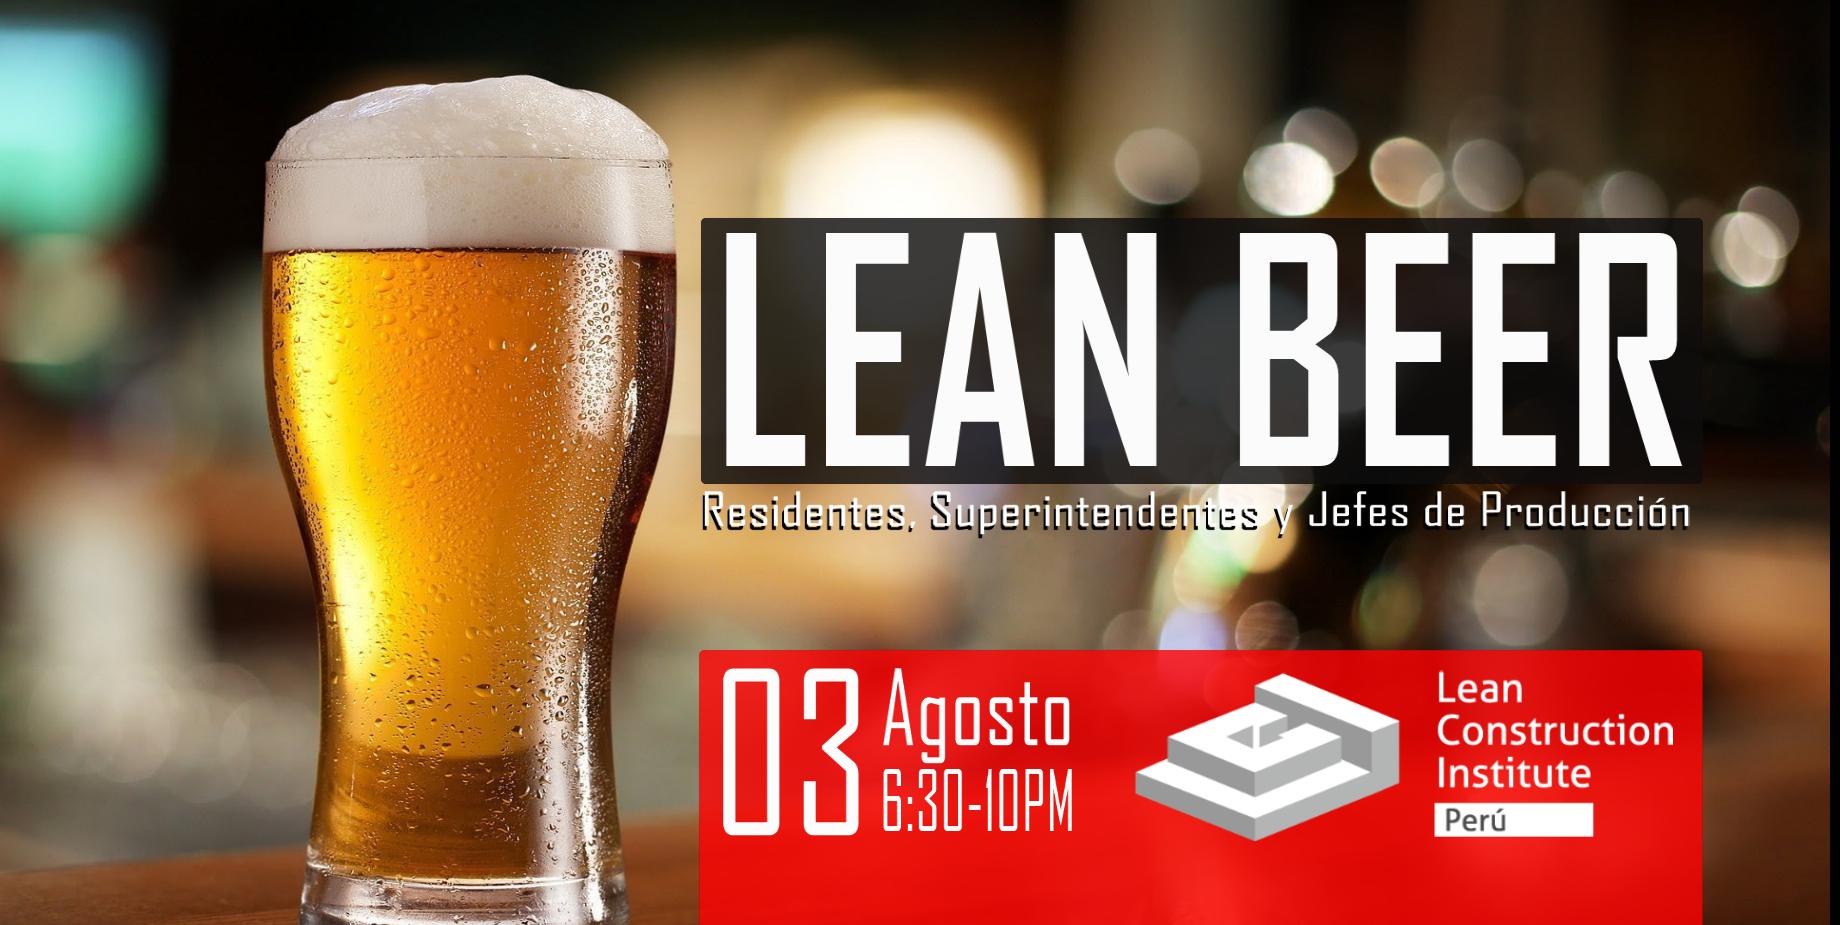 Portada para pagina web Lean Beer julio 2018.png